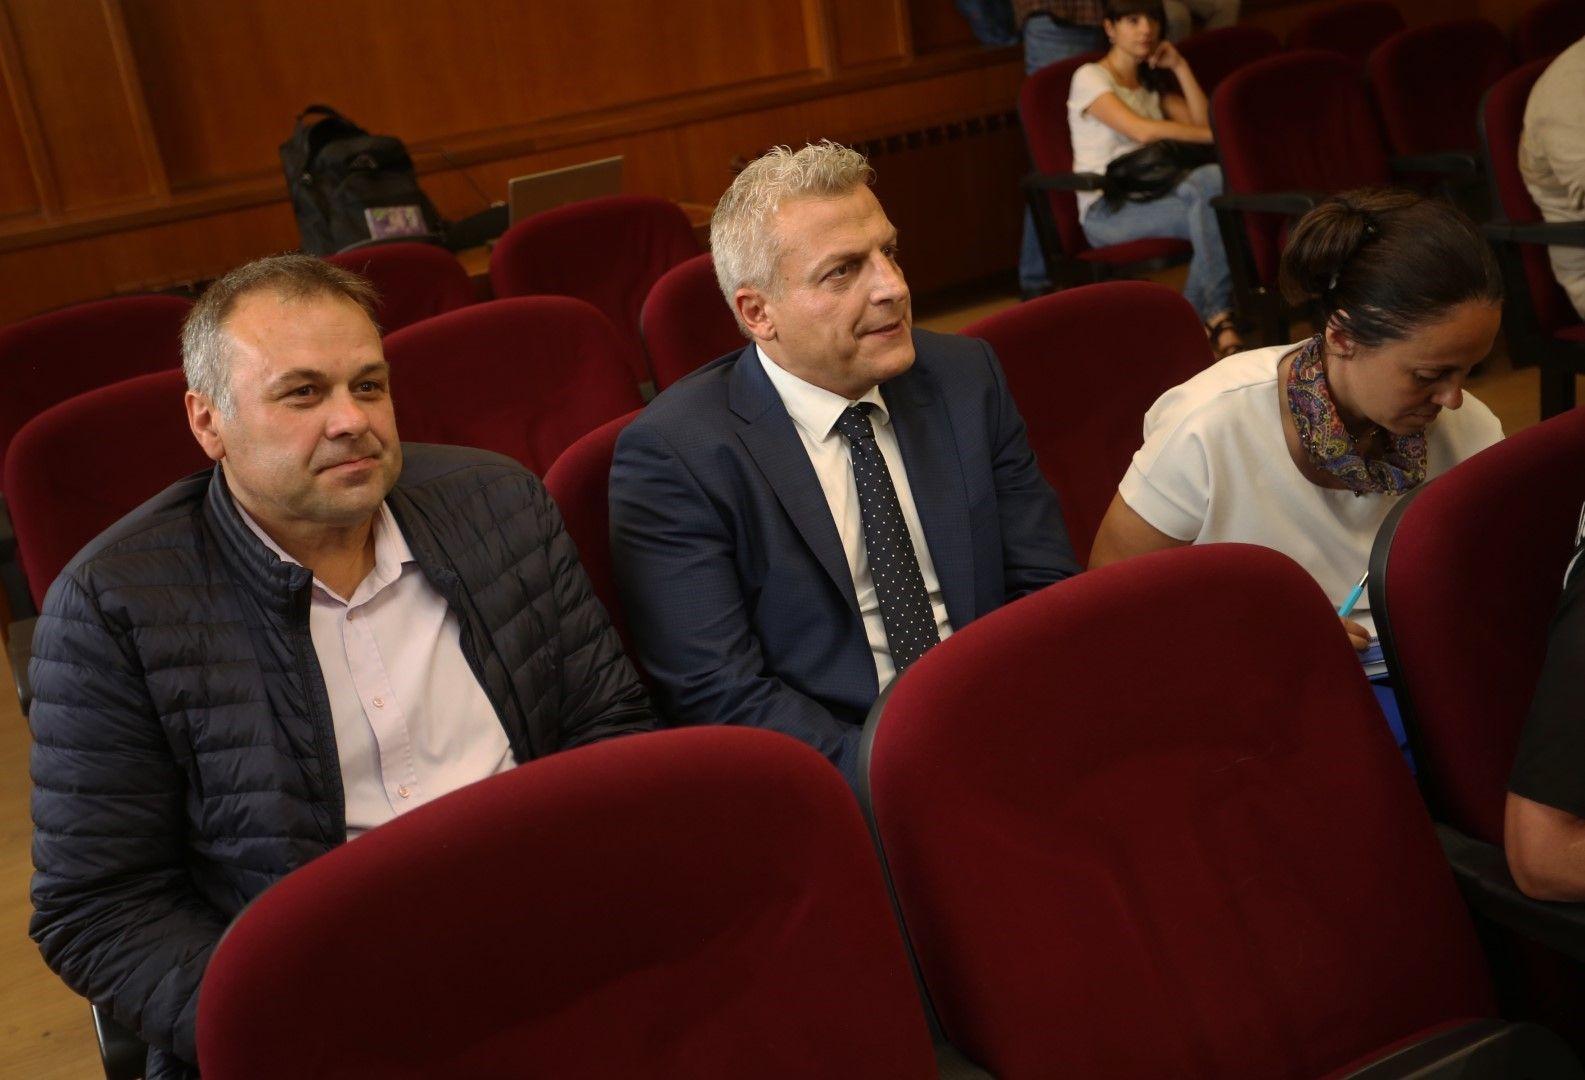 Д-р Москов и д-р Персенски са обвинени за това, че са приели като дарение ваксини от Турция